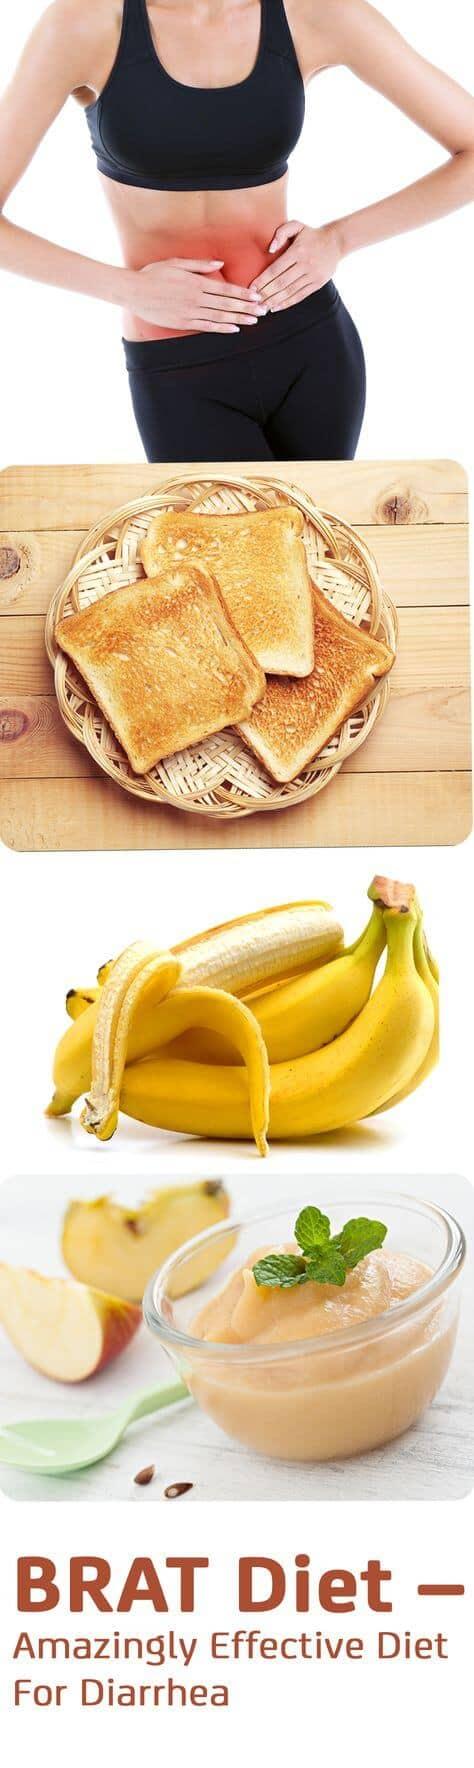 BRAT Diet Ideas